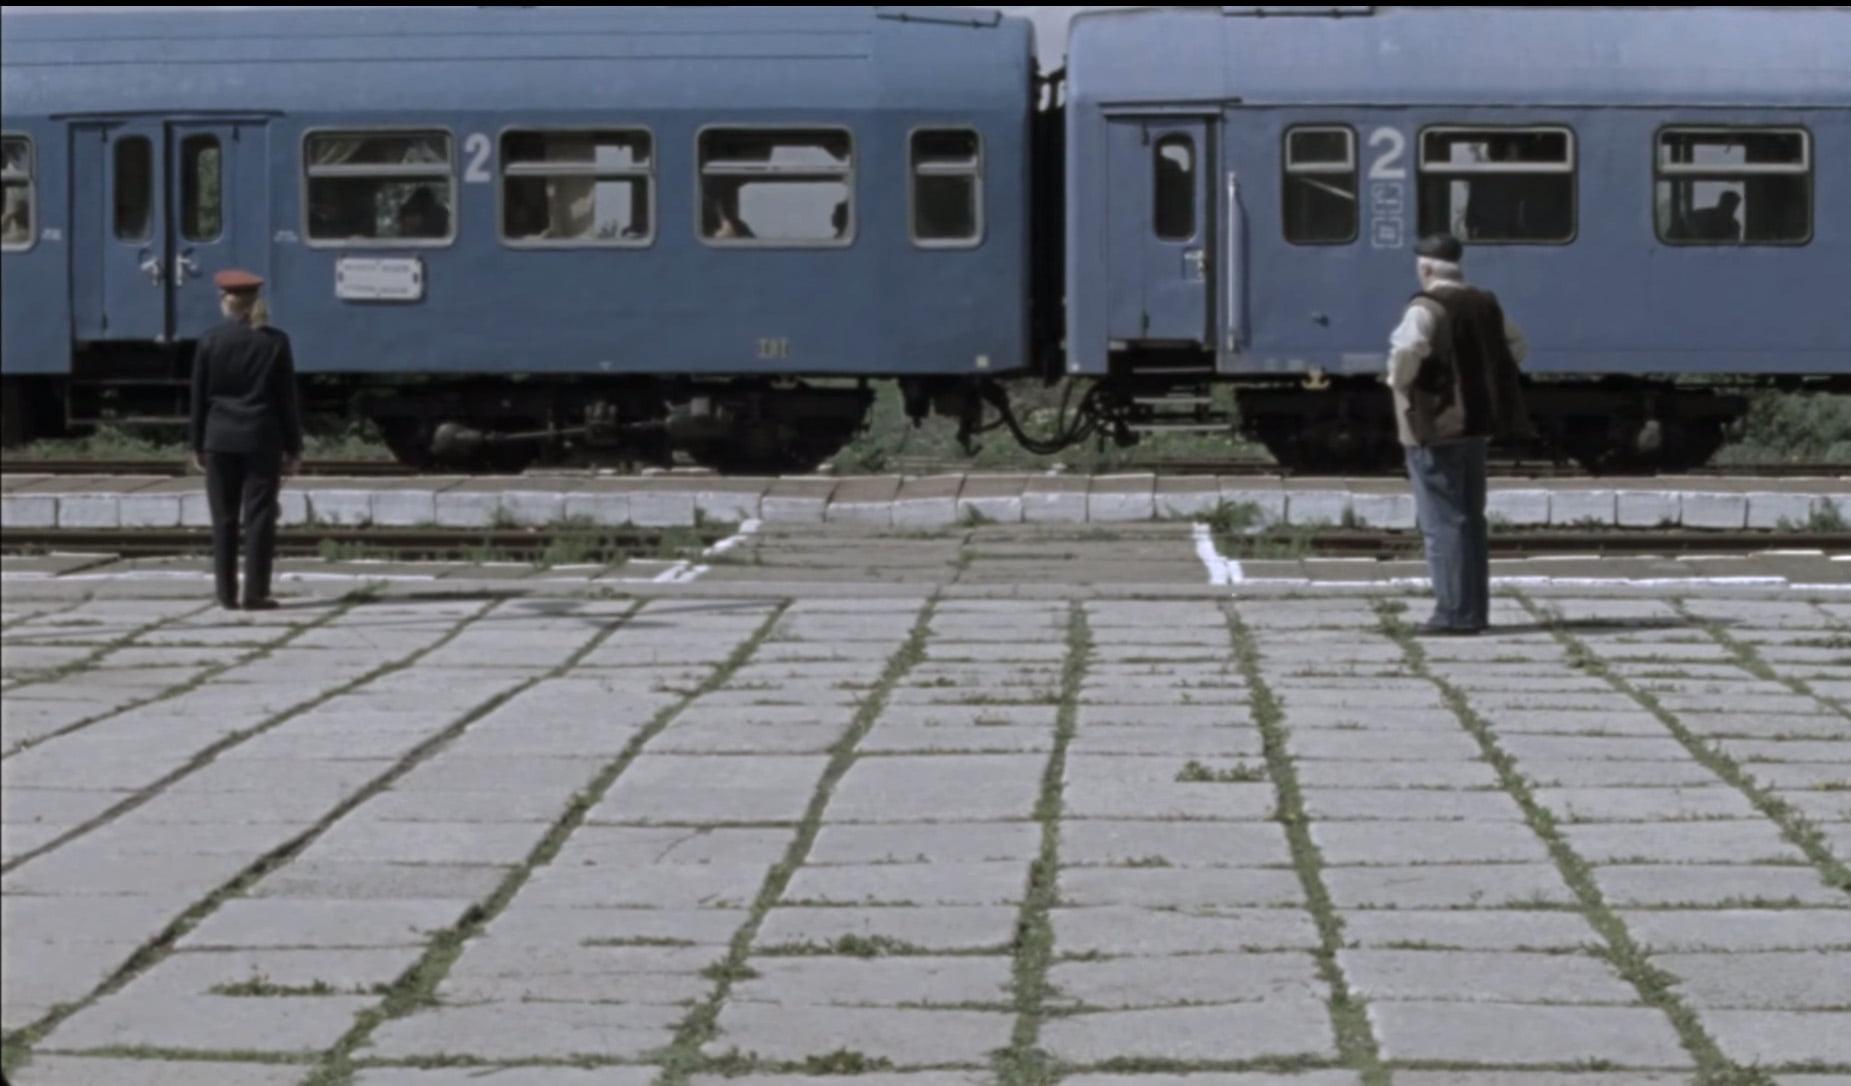 The Other Irene by Andrei Gruzsniczki - CINEPUB